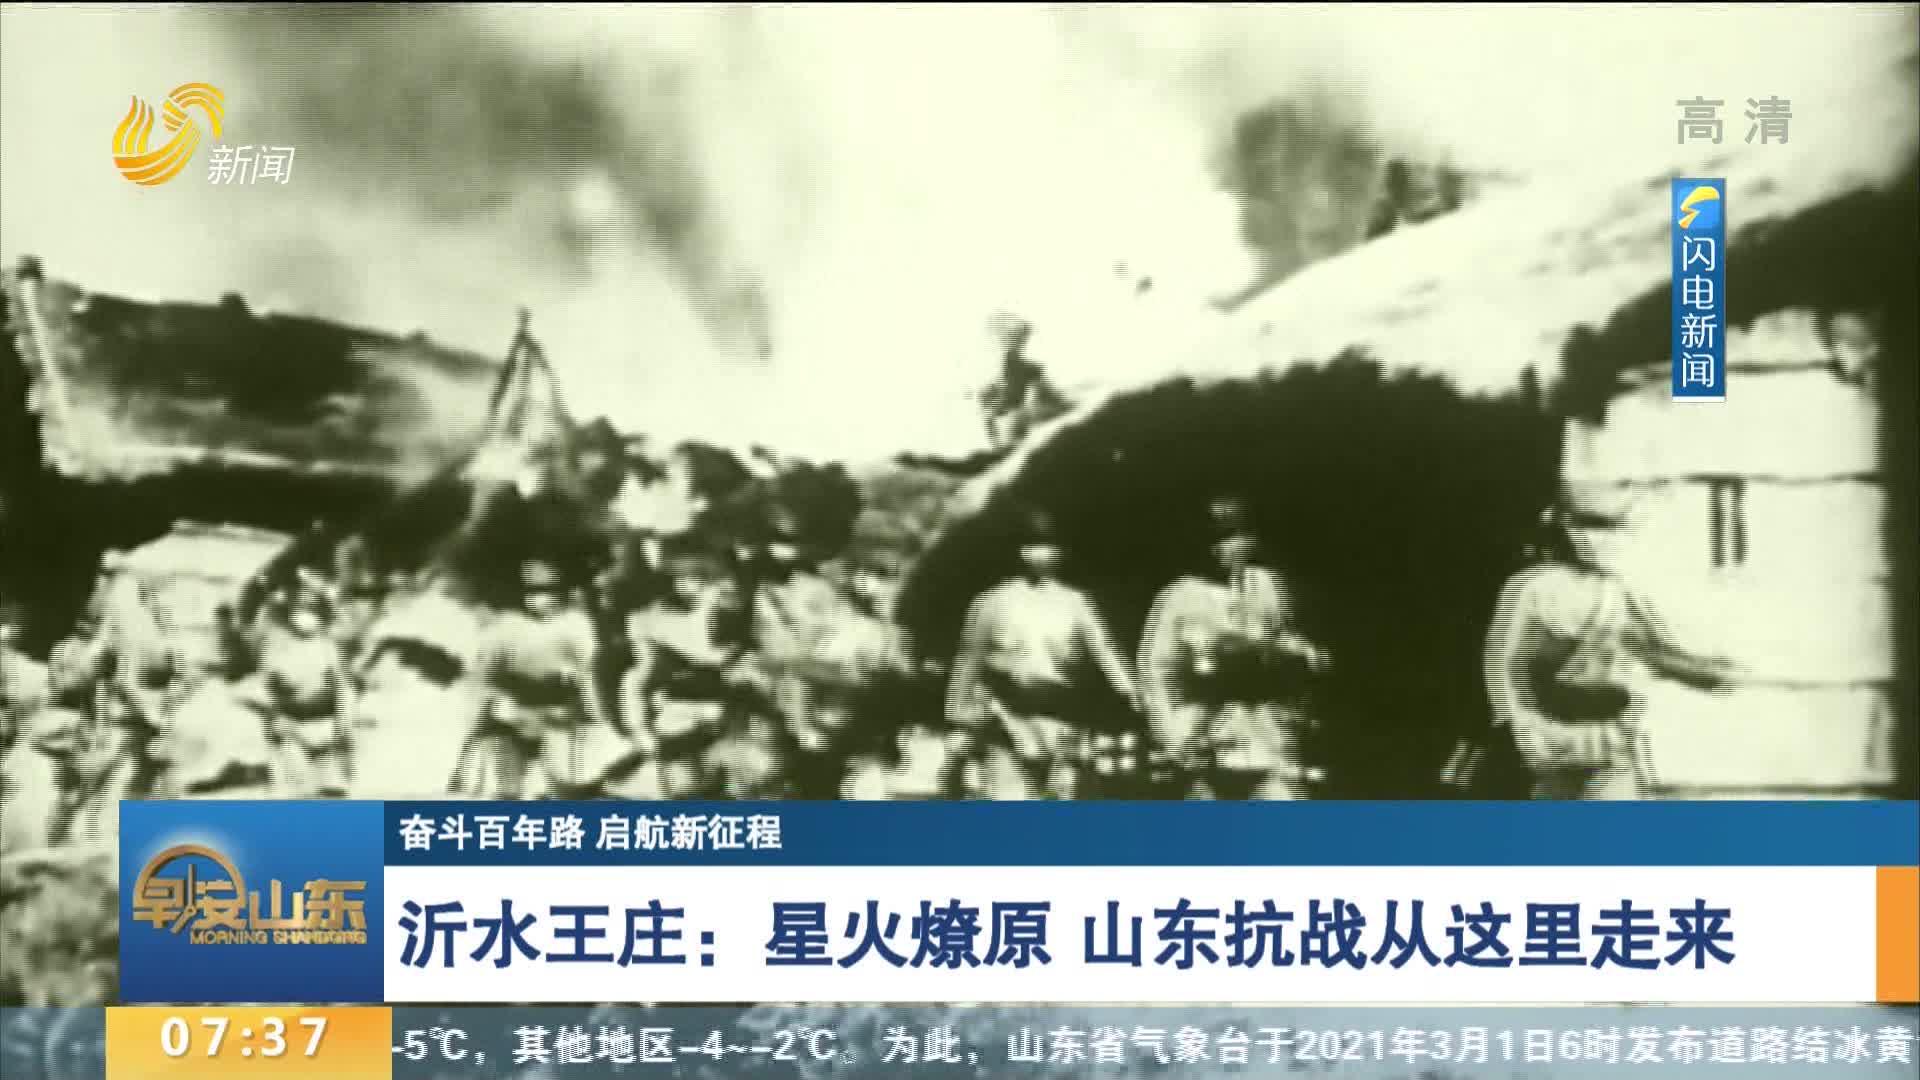 【奋斗百年路 启航新征程】沂水王庄:星火燎原 山东抗战从这里走来